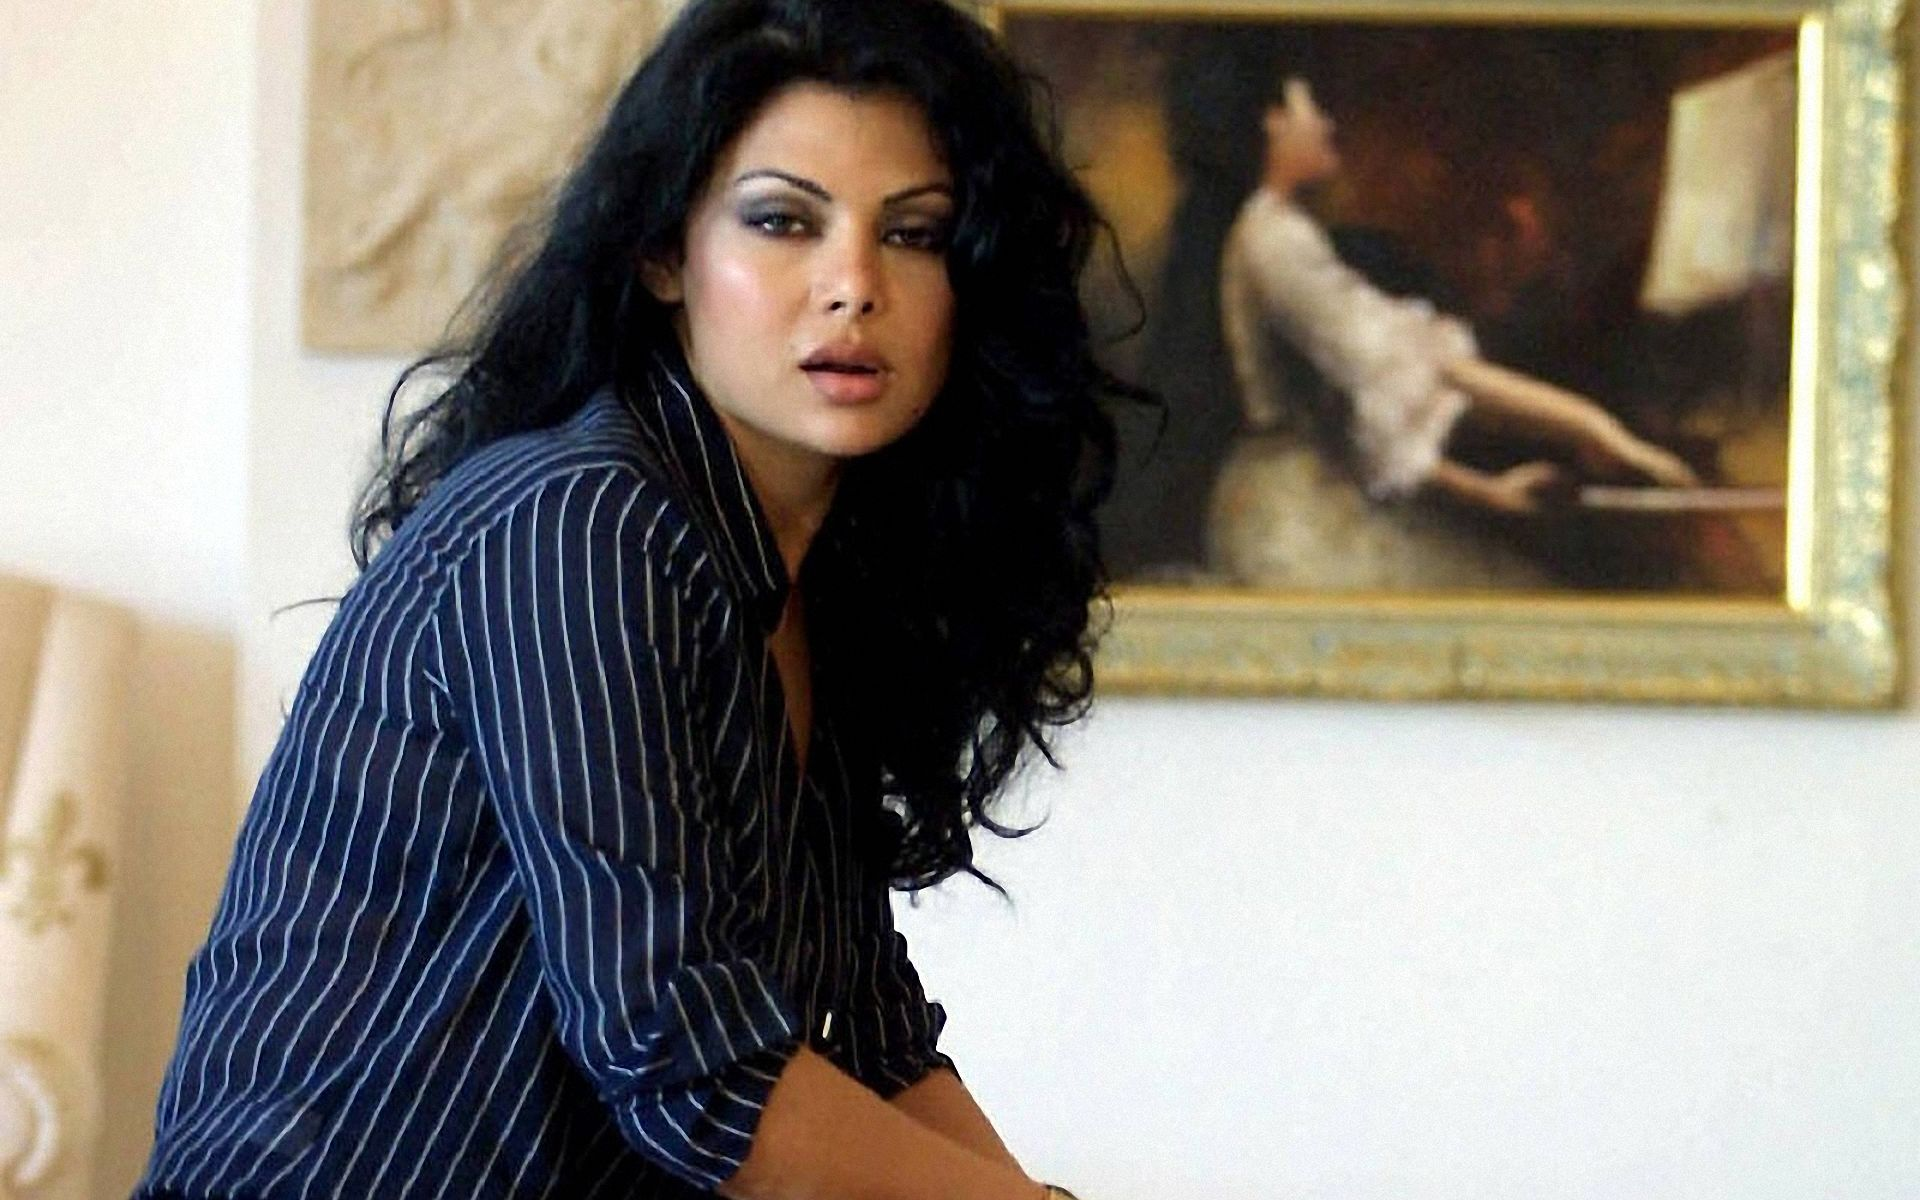 haifa wehbi bikini